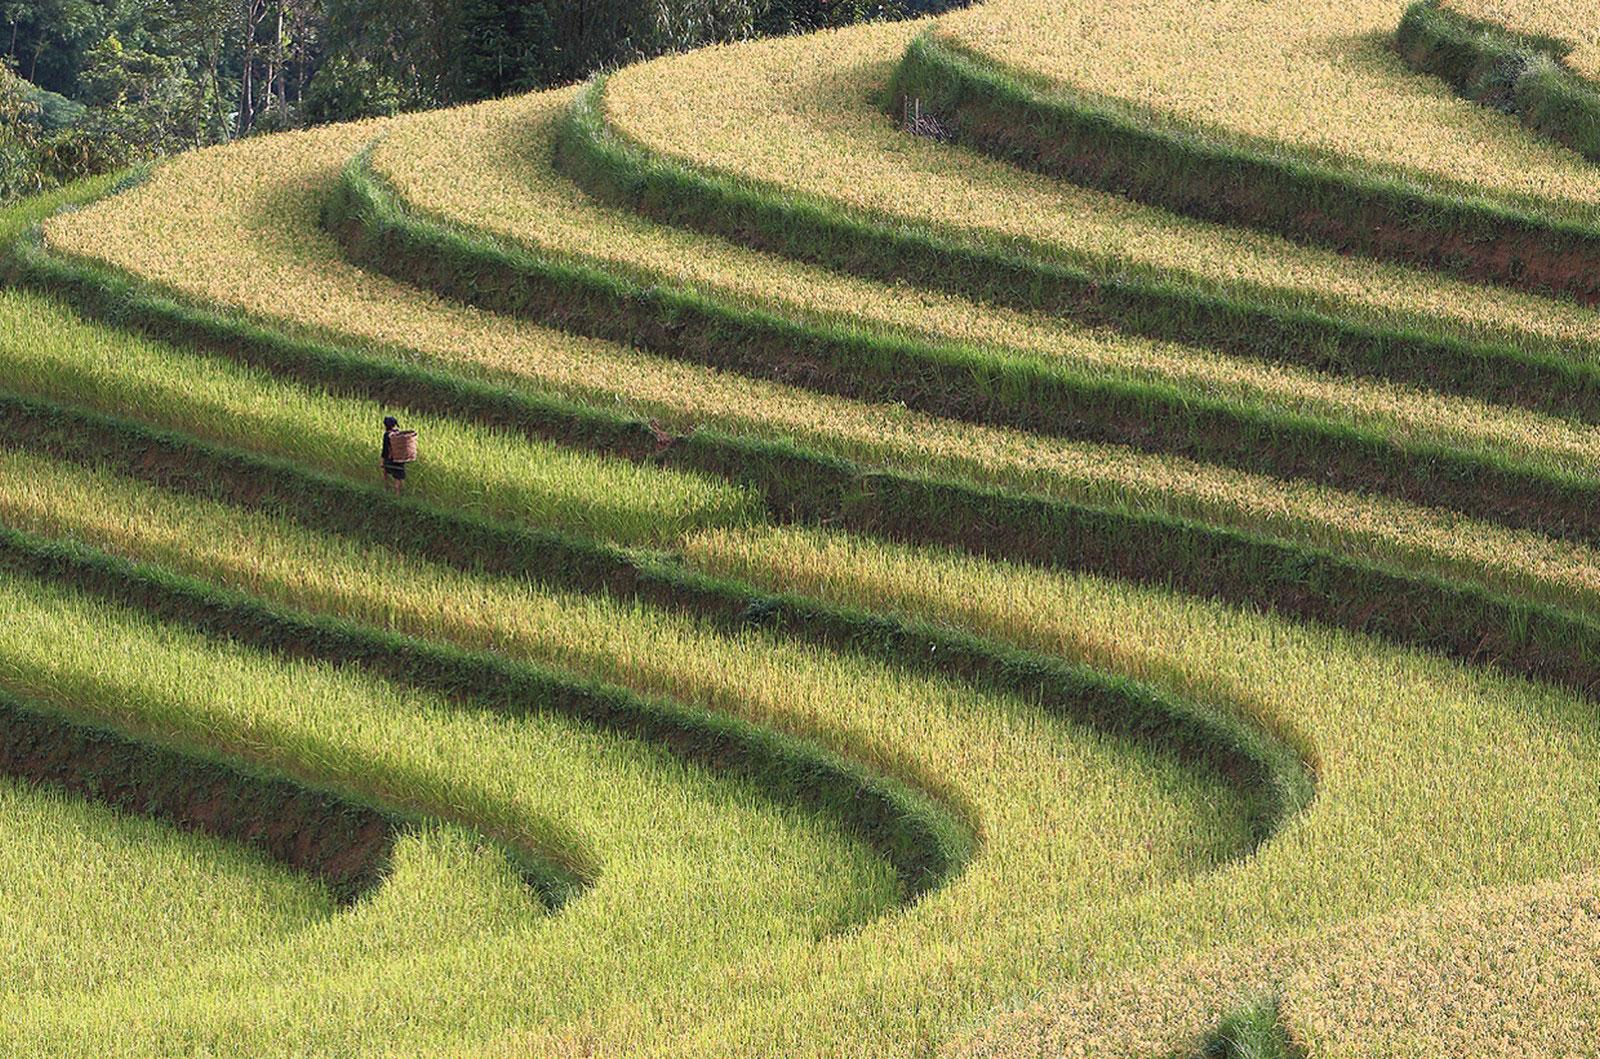 Рисовые поля, фото с конкурса ежегодного